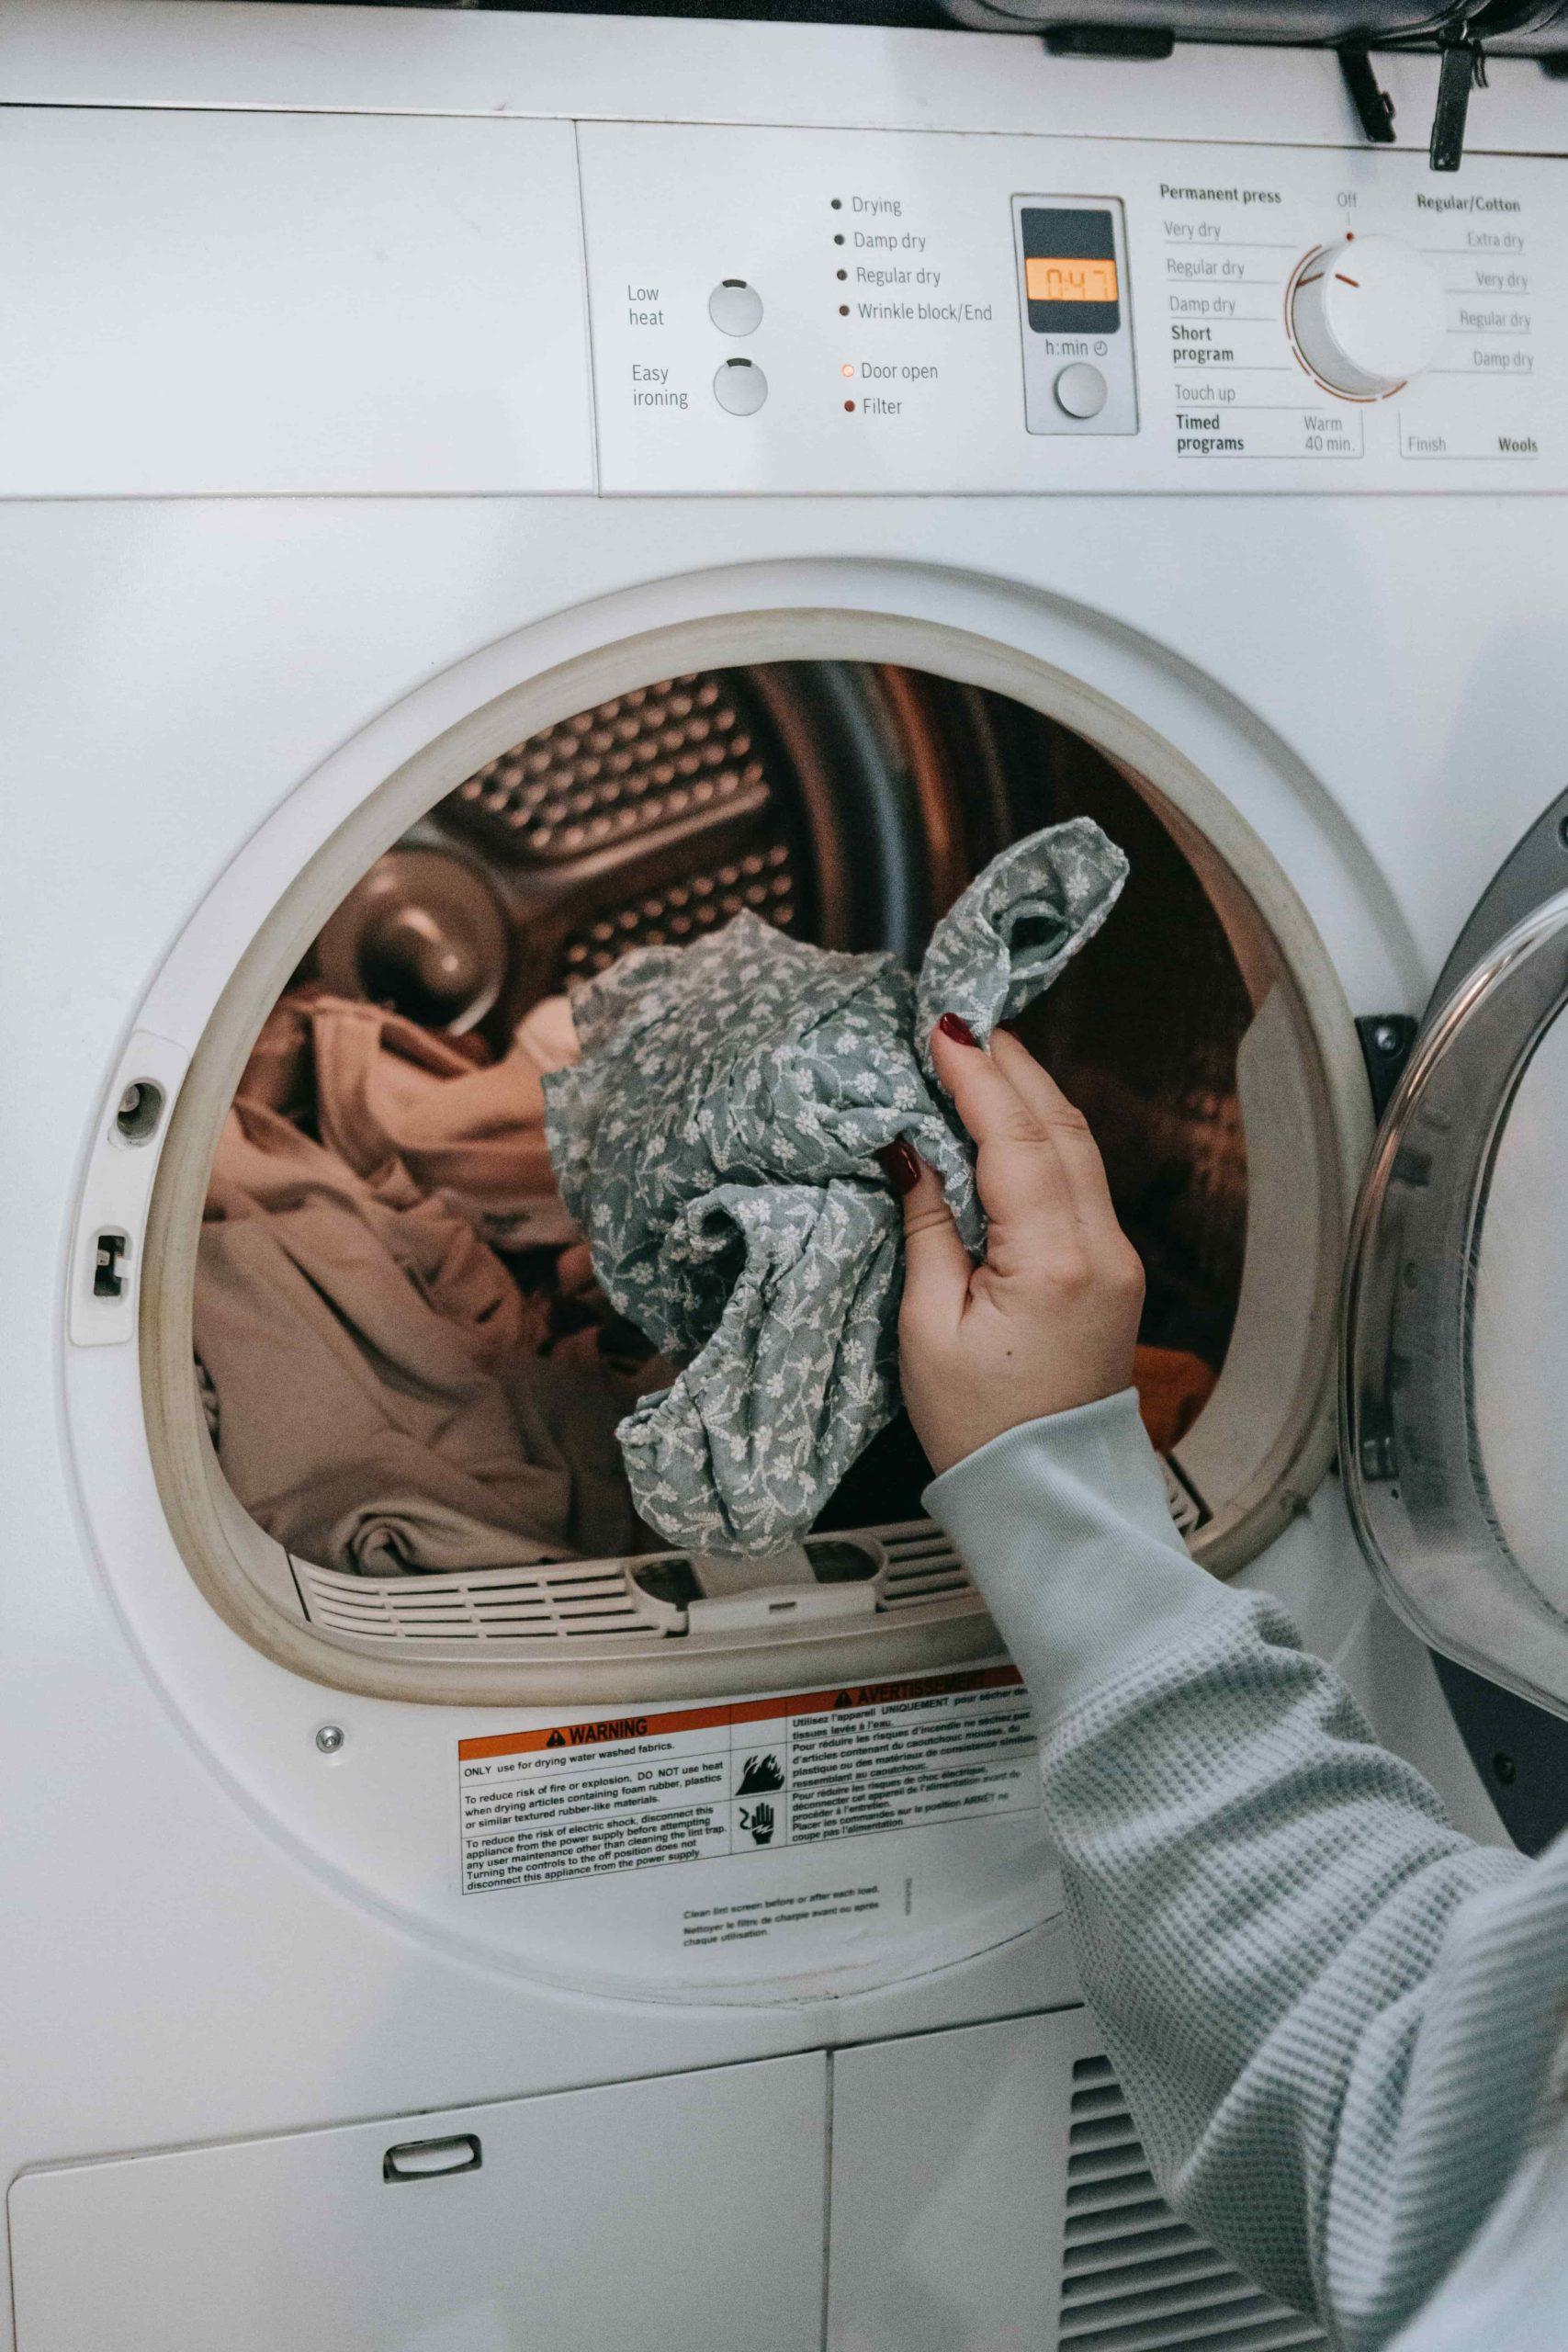 Las lavadoras más vendidas de este 2021, ¿valen la pena? por Lavadora.me